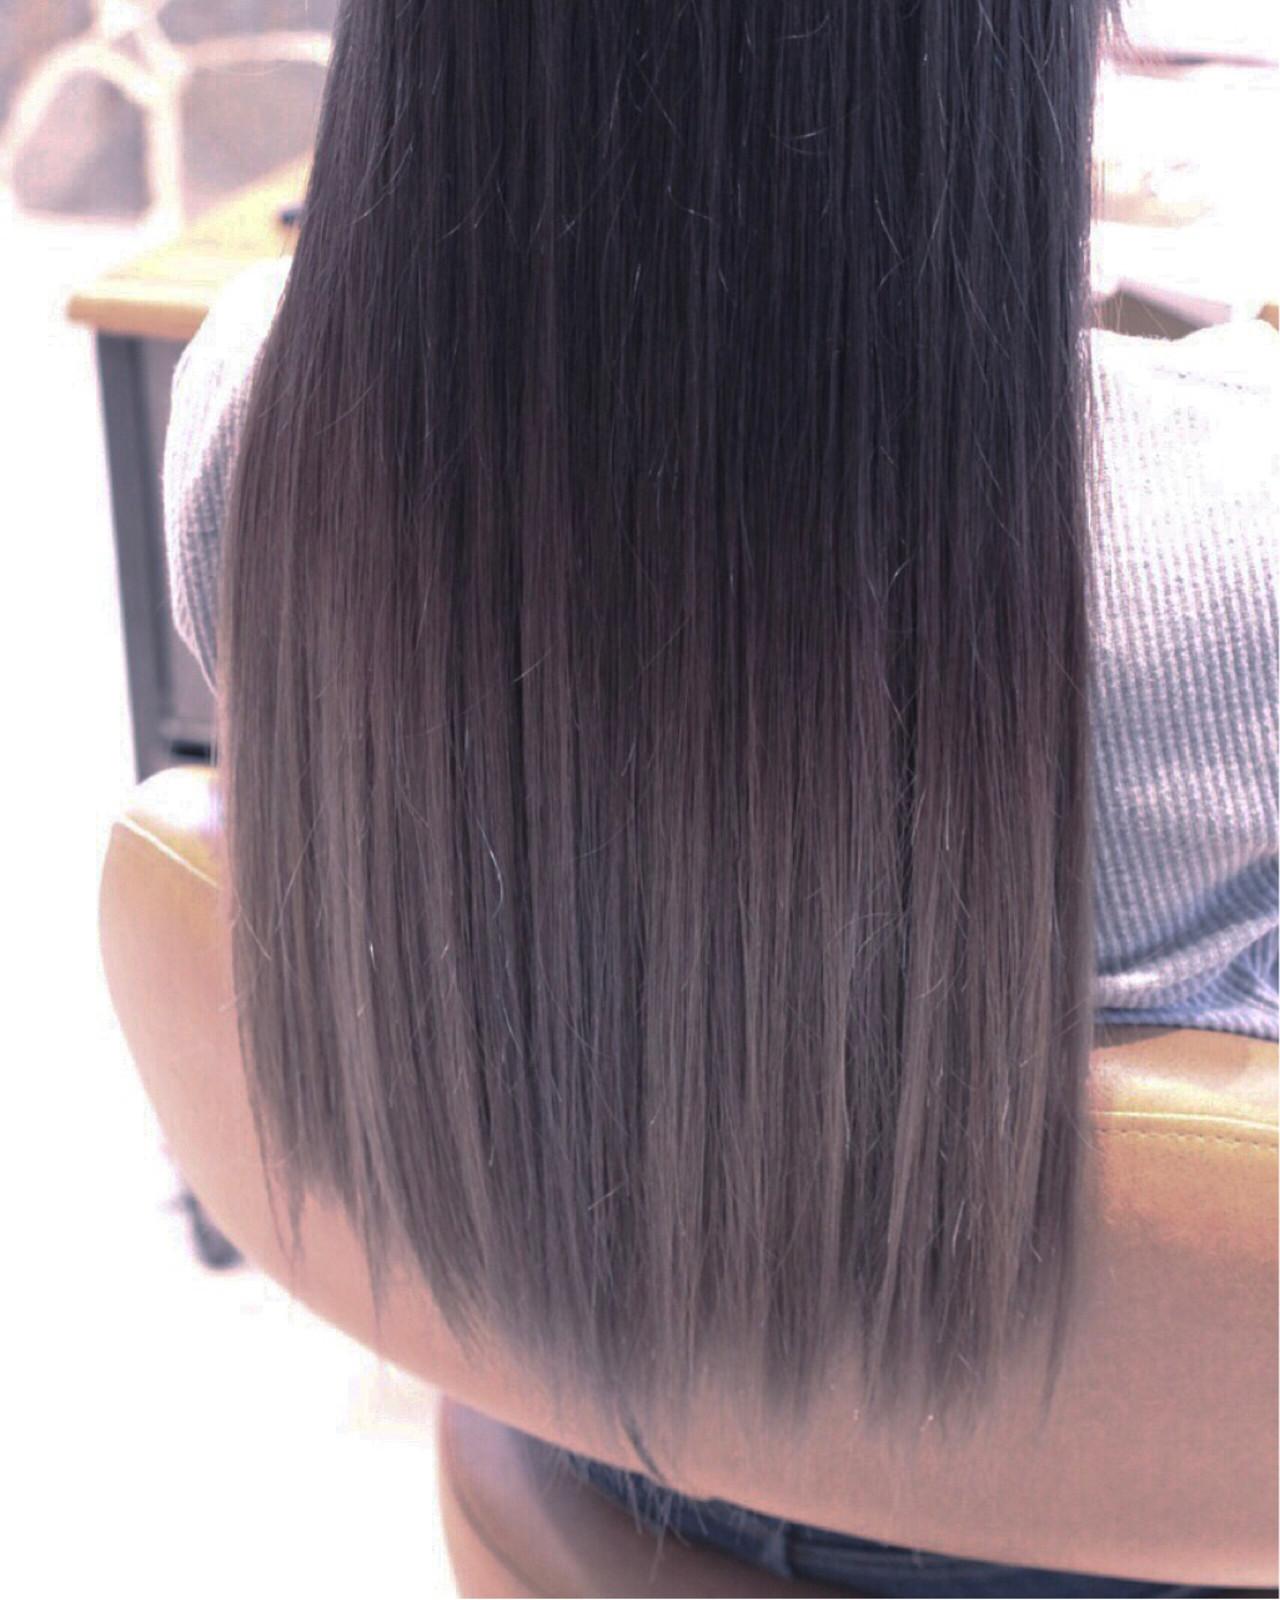 シルバーアッシュ モード ダブルカラー ロング ヘアスタイルや髪型の写真・画像